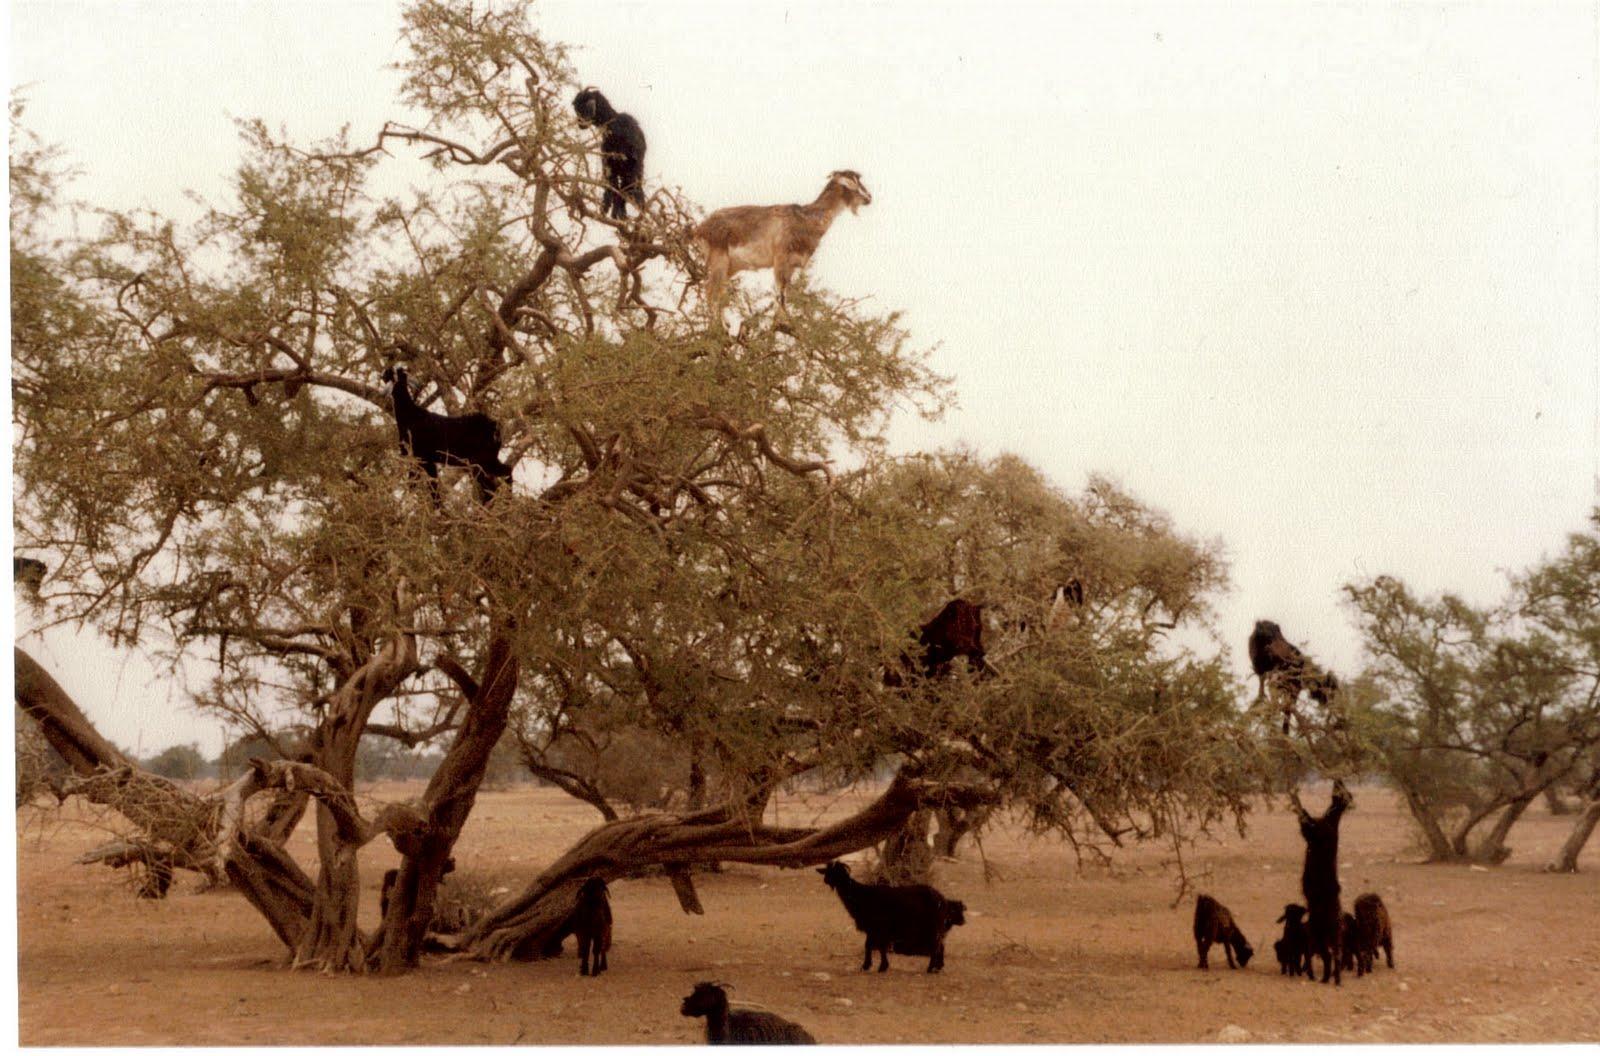 http://1.bp.blogspot.com/_4kkT22kuvoA/TBOQ14vw3kI/AAAAAAAACh8/dCpKeKF8RDE/s1600/goats-trees-1.jpg